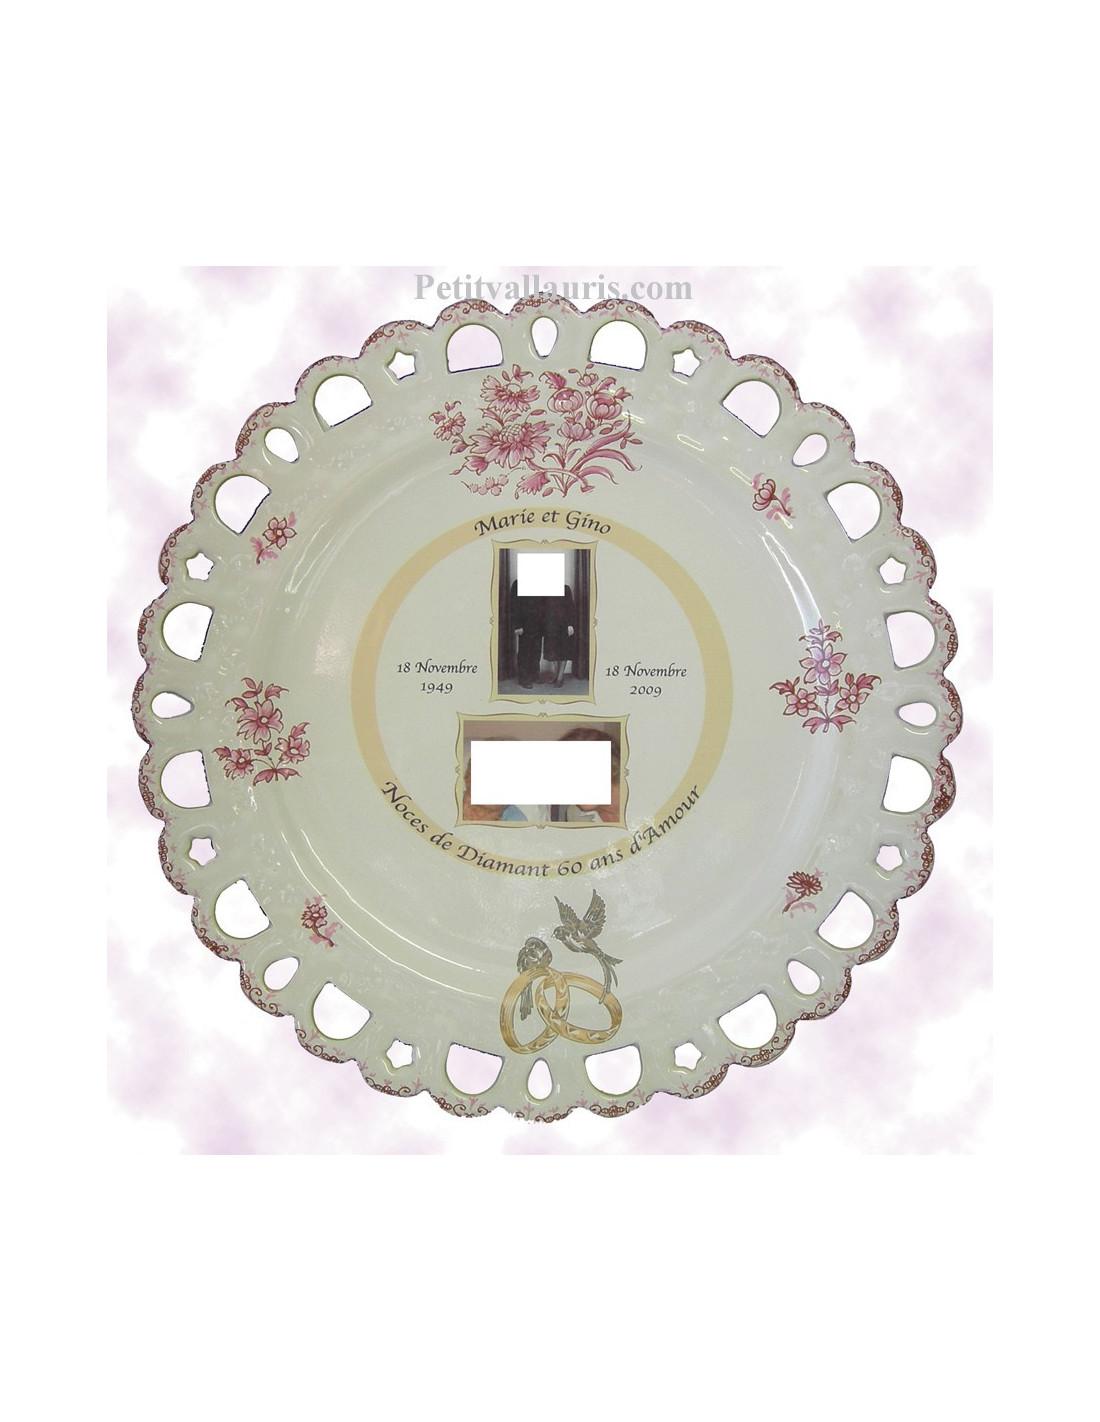 assiette de mariage mod le tournesol avec 2 photos d cor tradition vieux moustiers rose le. Black Bedroom Furniture Sets. Home Design Ideas